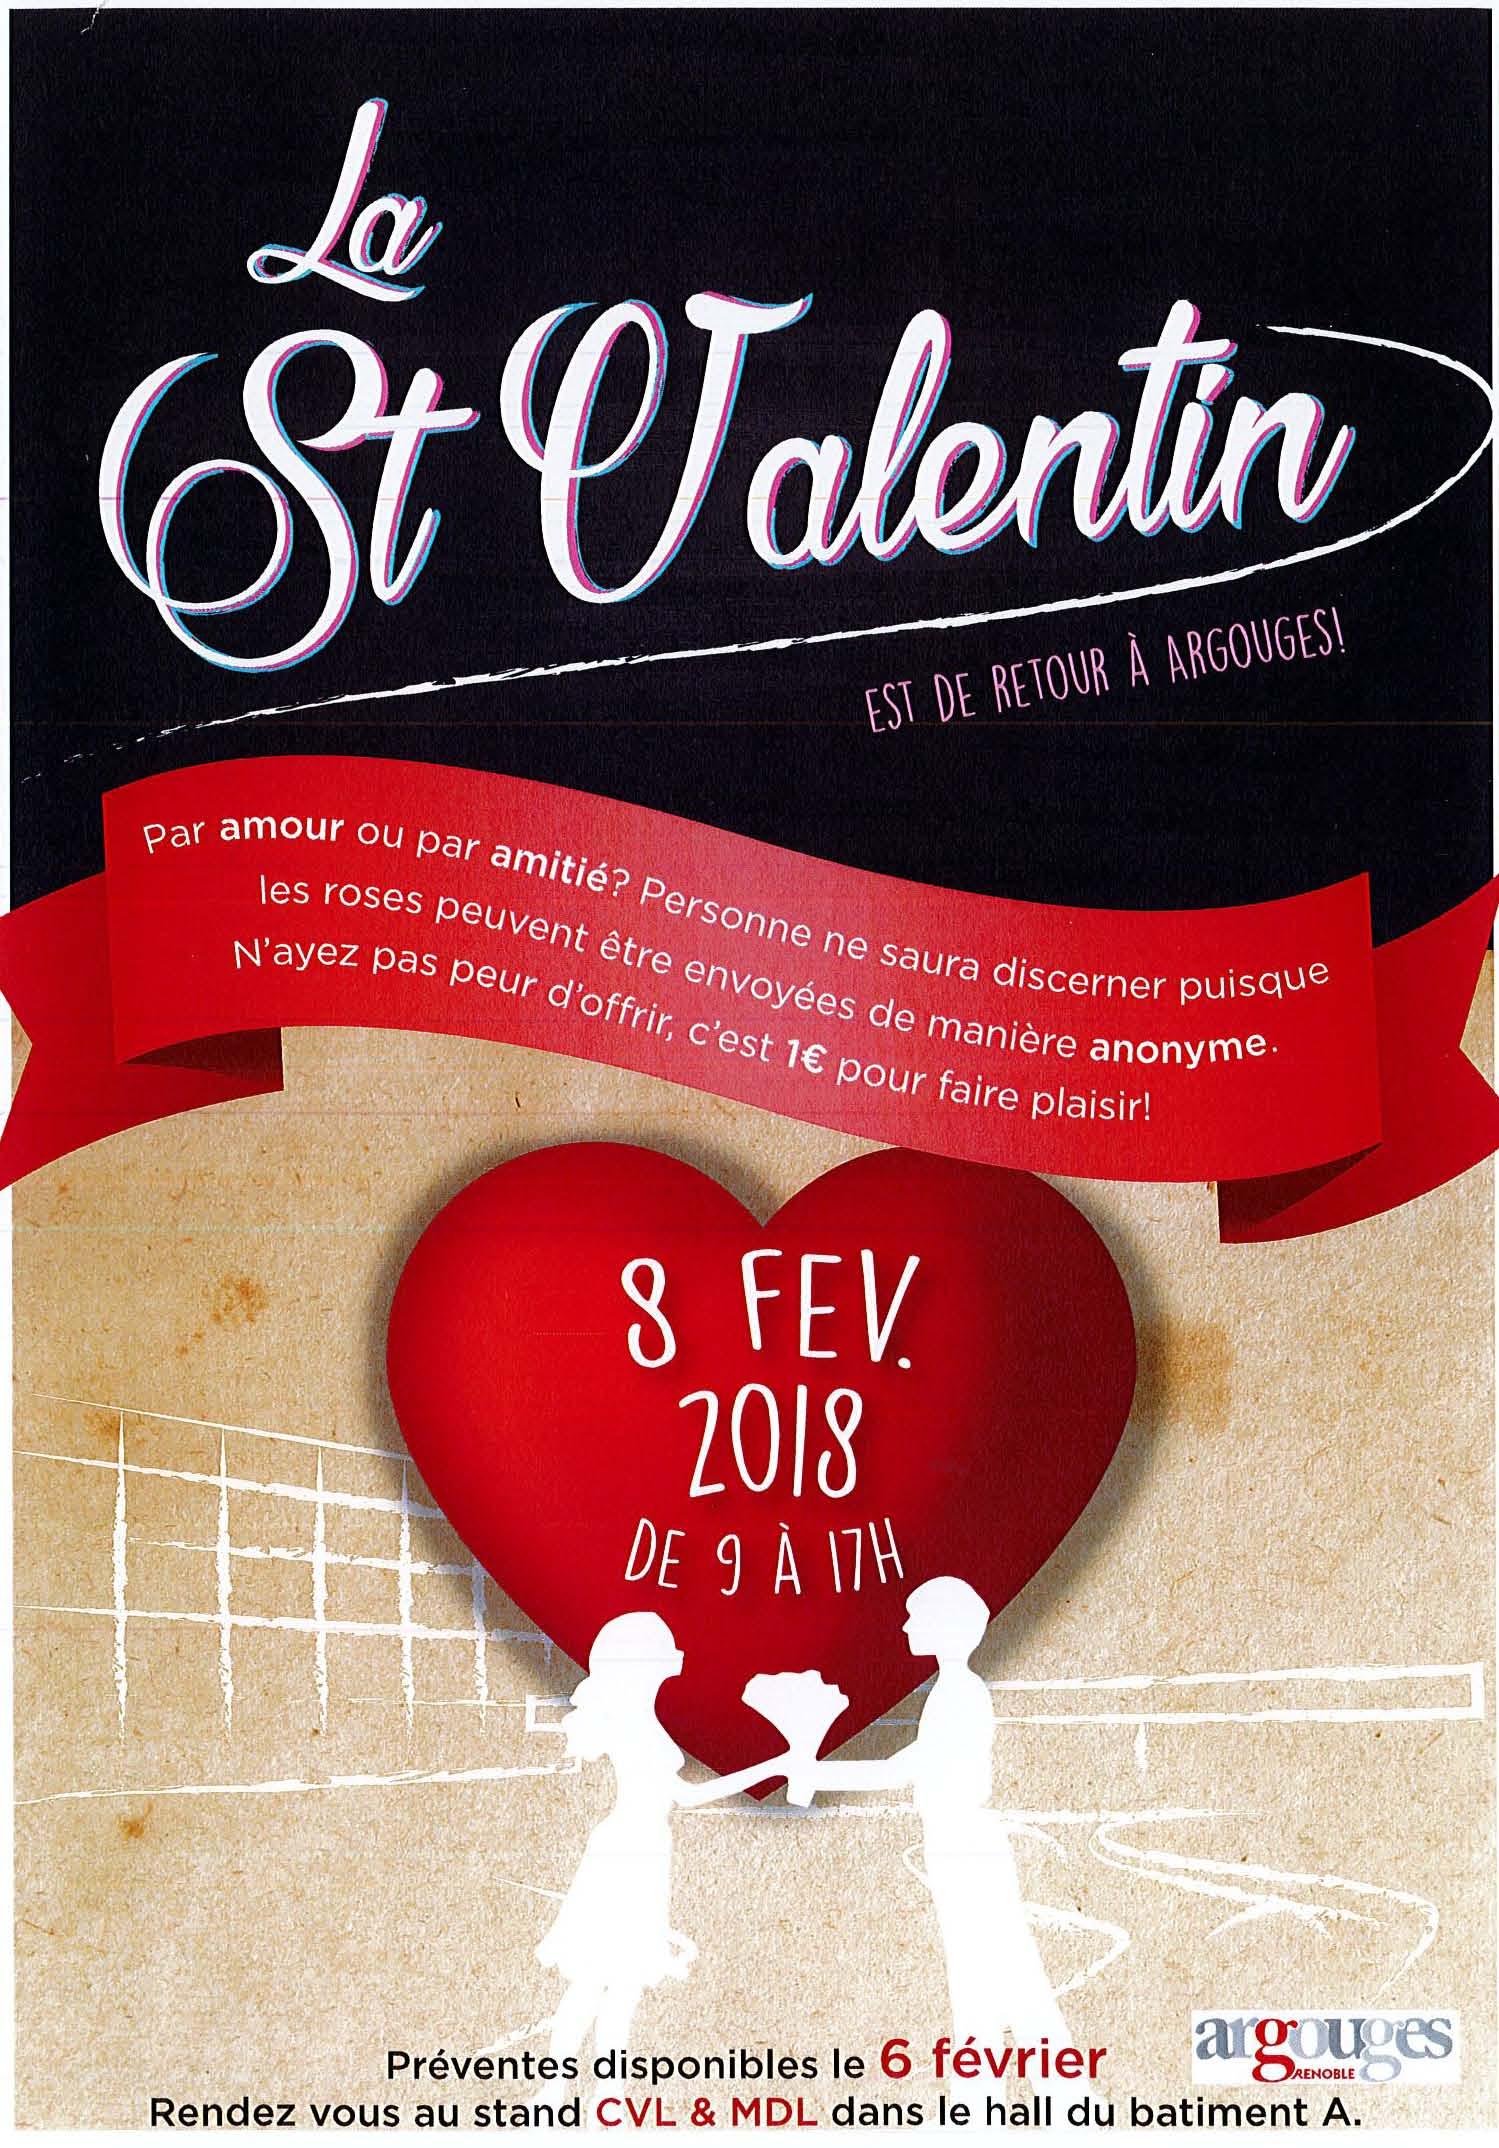 Combien De Rose Pour La St Valentin la saint valentin est de retour a argouges - cvl mdl